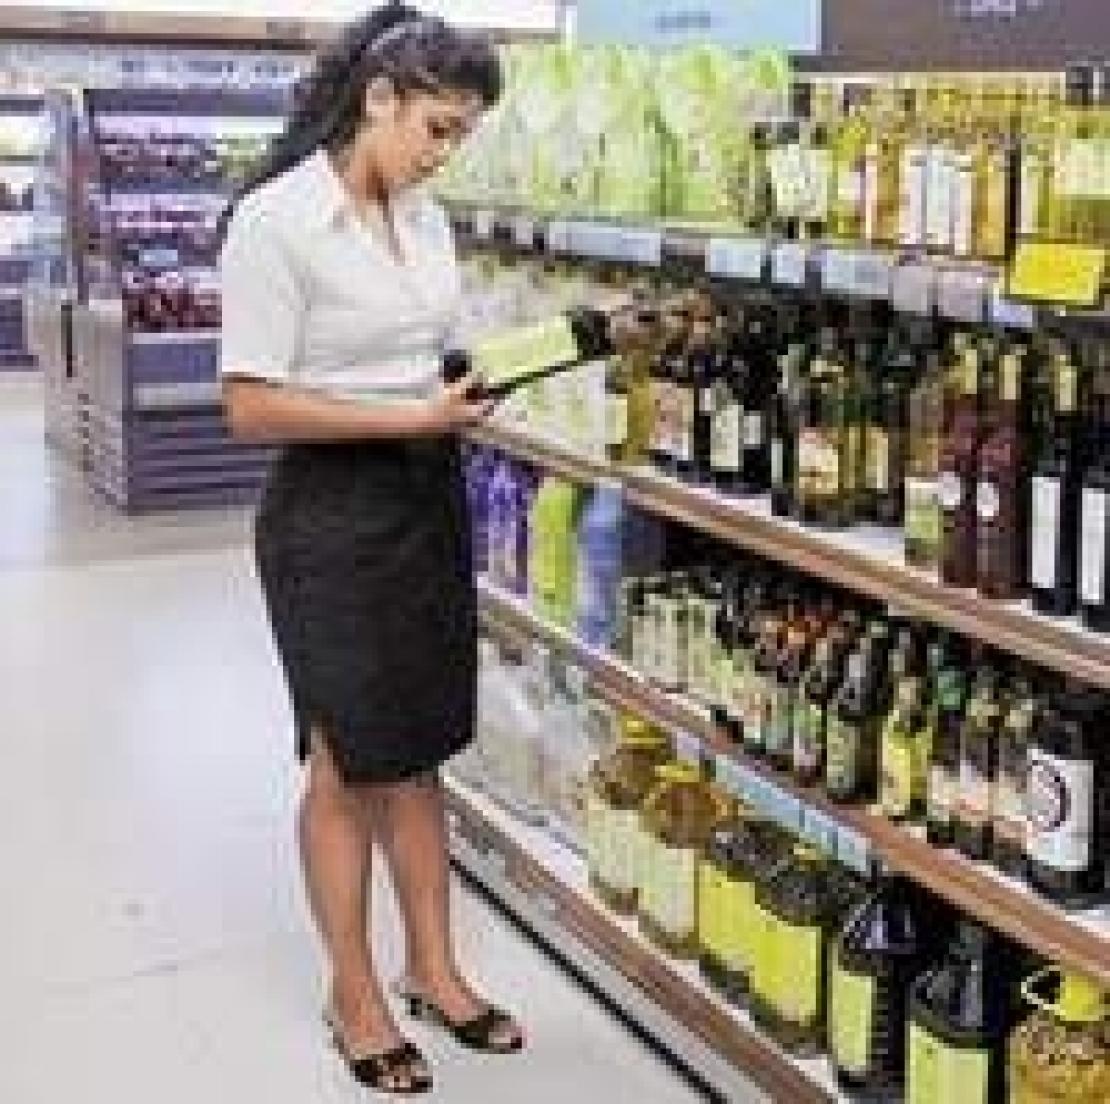 L'olio extra vergine d'oliva Dop Terra di Bari sempre in saldo